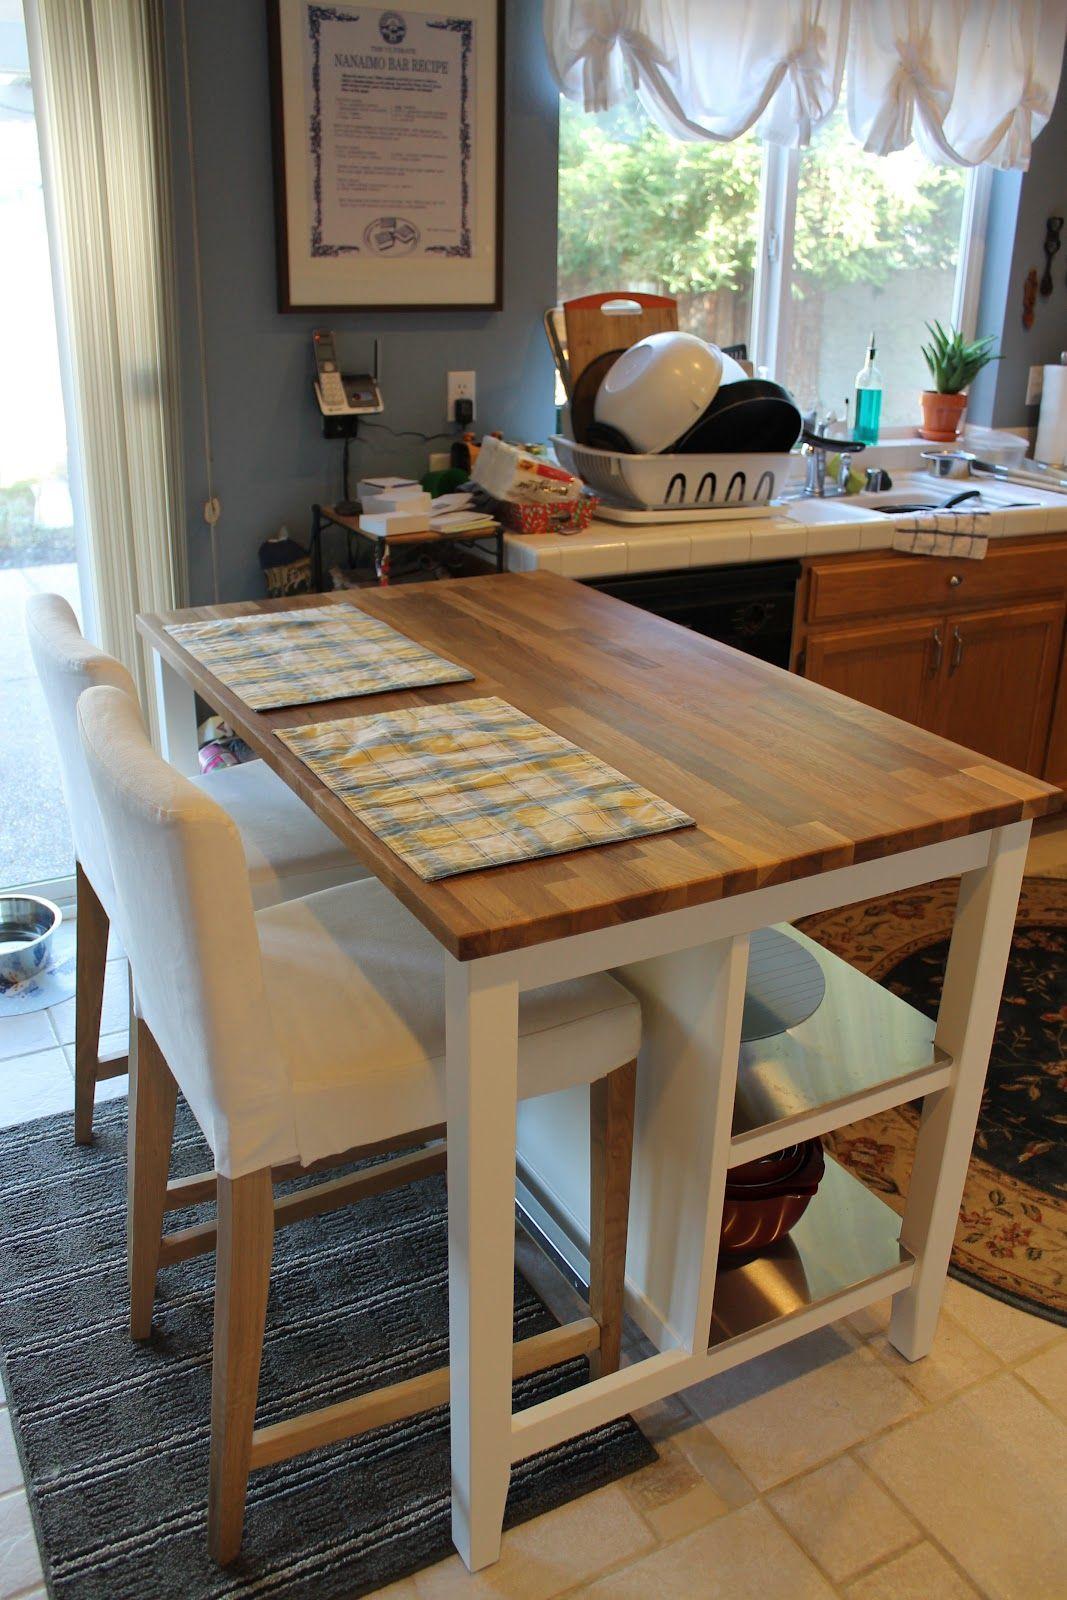 Ikea Stenstorp Kitchen Island Small Kitchen Tables Kitchen Design Small Kitchen Island With Seating